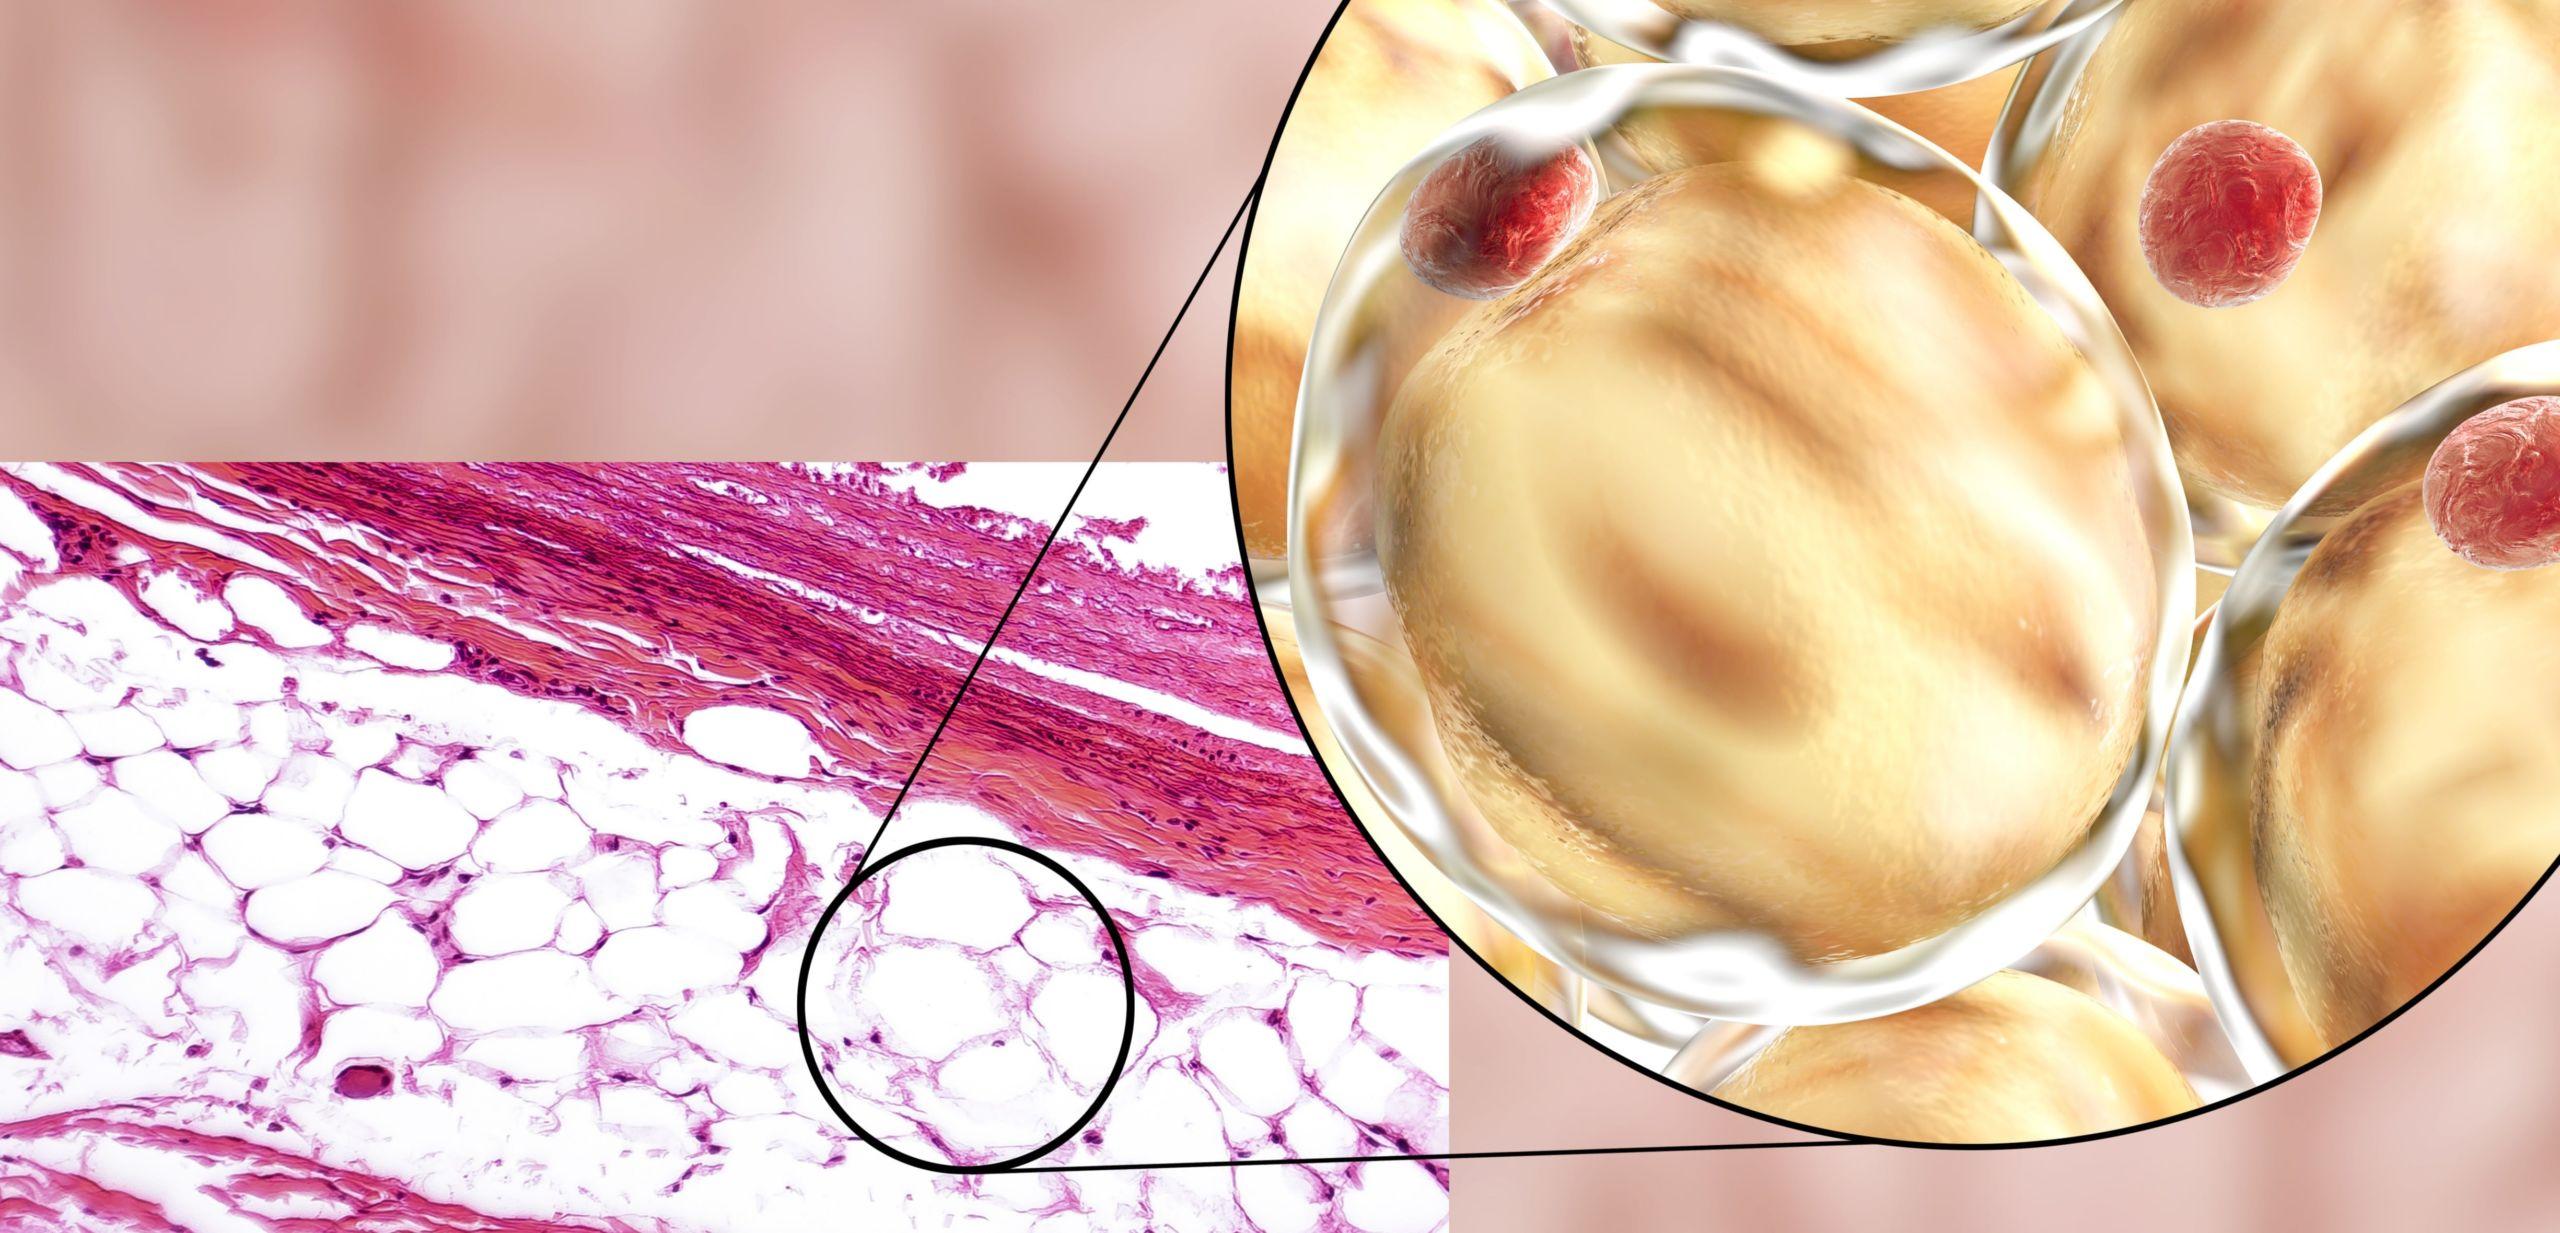 Tessuto adiposo bianco e struttura adipocita